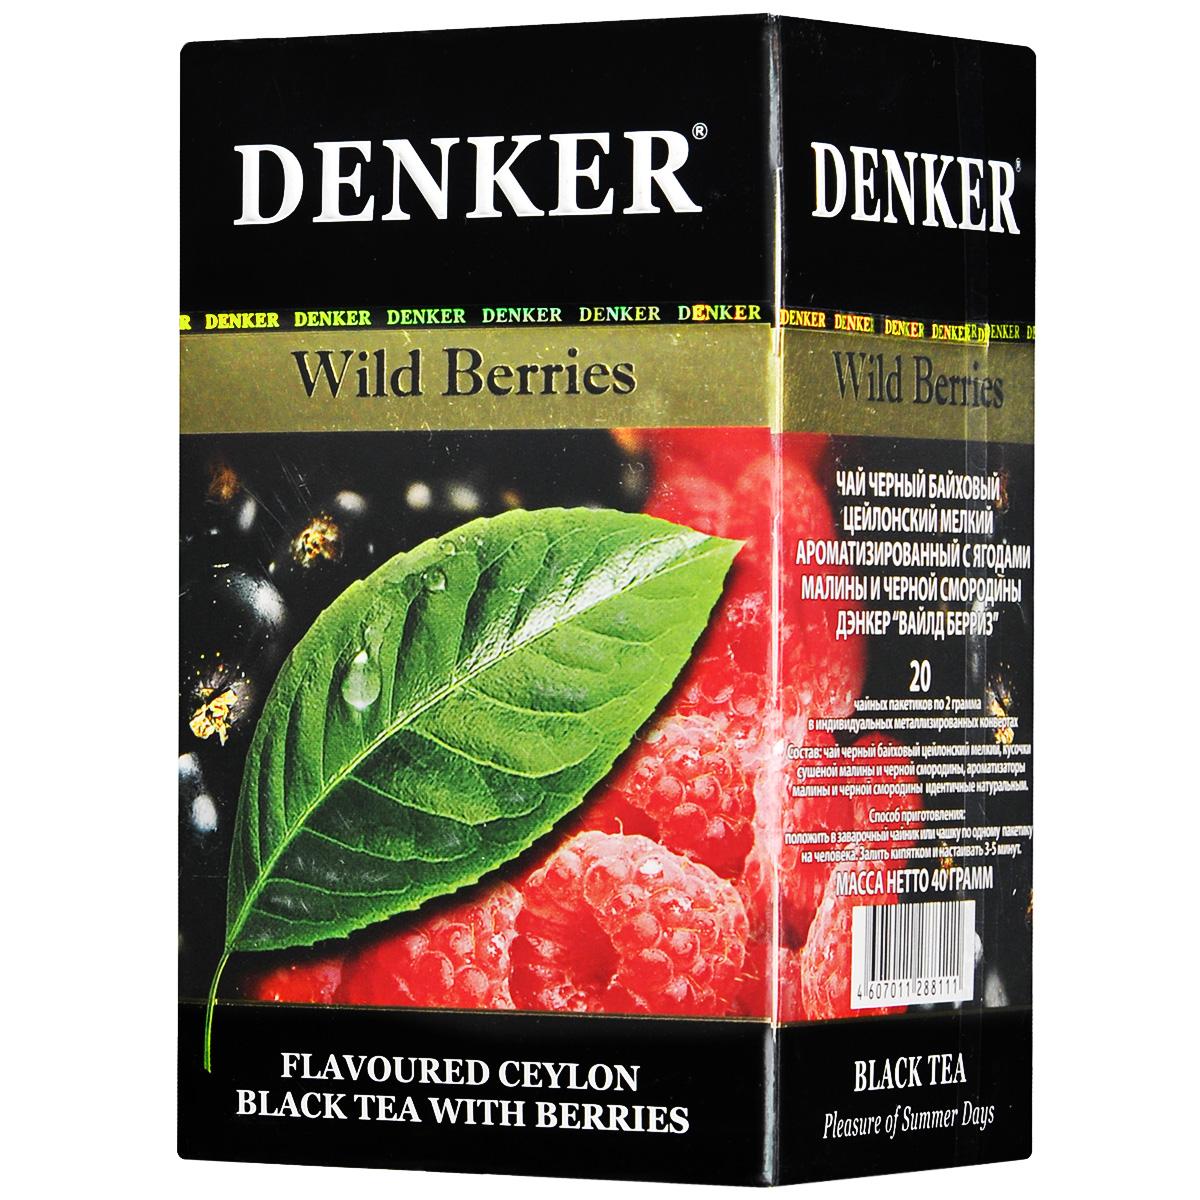 Denker Wild Berries черный ароматизированный фруктовый чай в пакетиках, 20 шт1080002Чай Denker Wild Berries создан специально для того, чтобы дарить радость и доставлять удовольствие в любое время года. Знакомый каждому с детства аромат и незабываемый вкус сочных ягод спелой малины и черной смородины прекрасно дополняют уникальные качества великолепного цейлонского чая, превращая его в напиток летнего солнца и праздничного настроения.